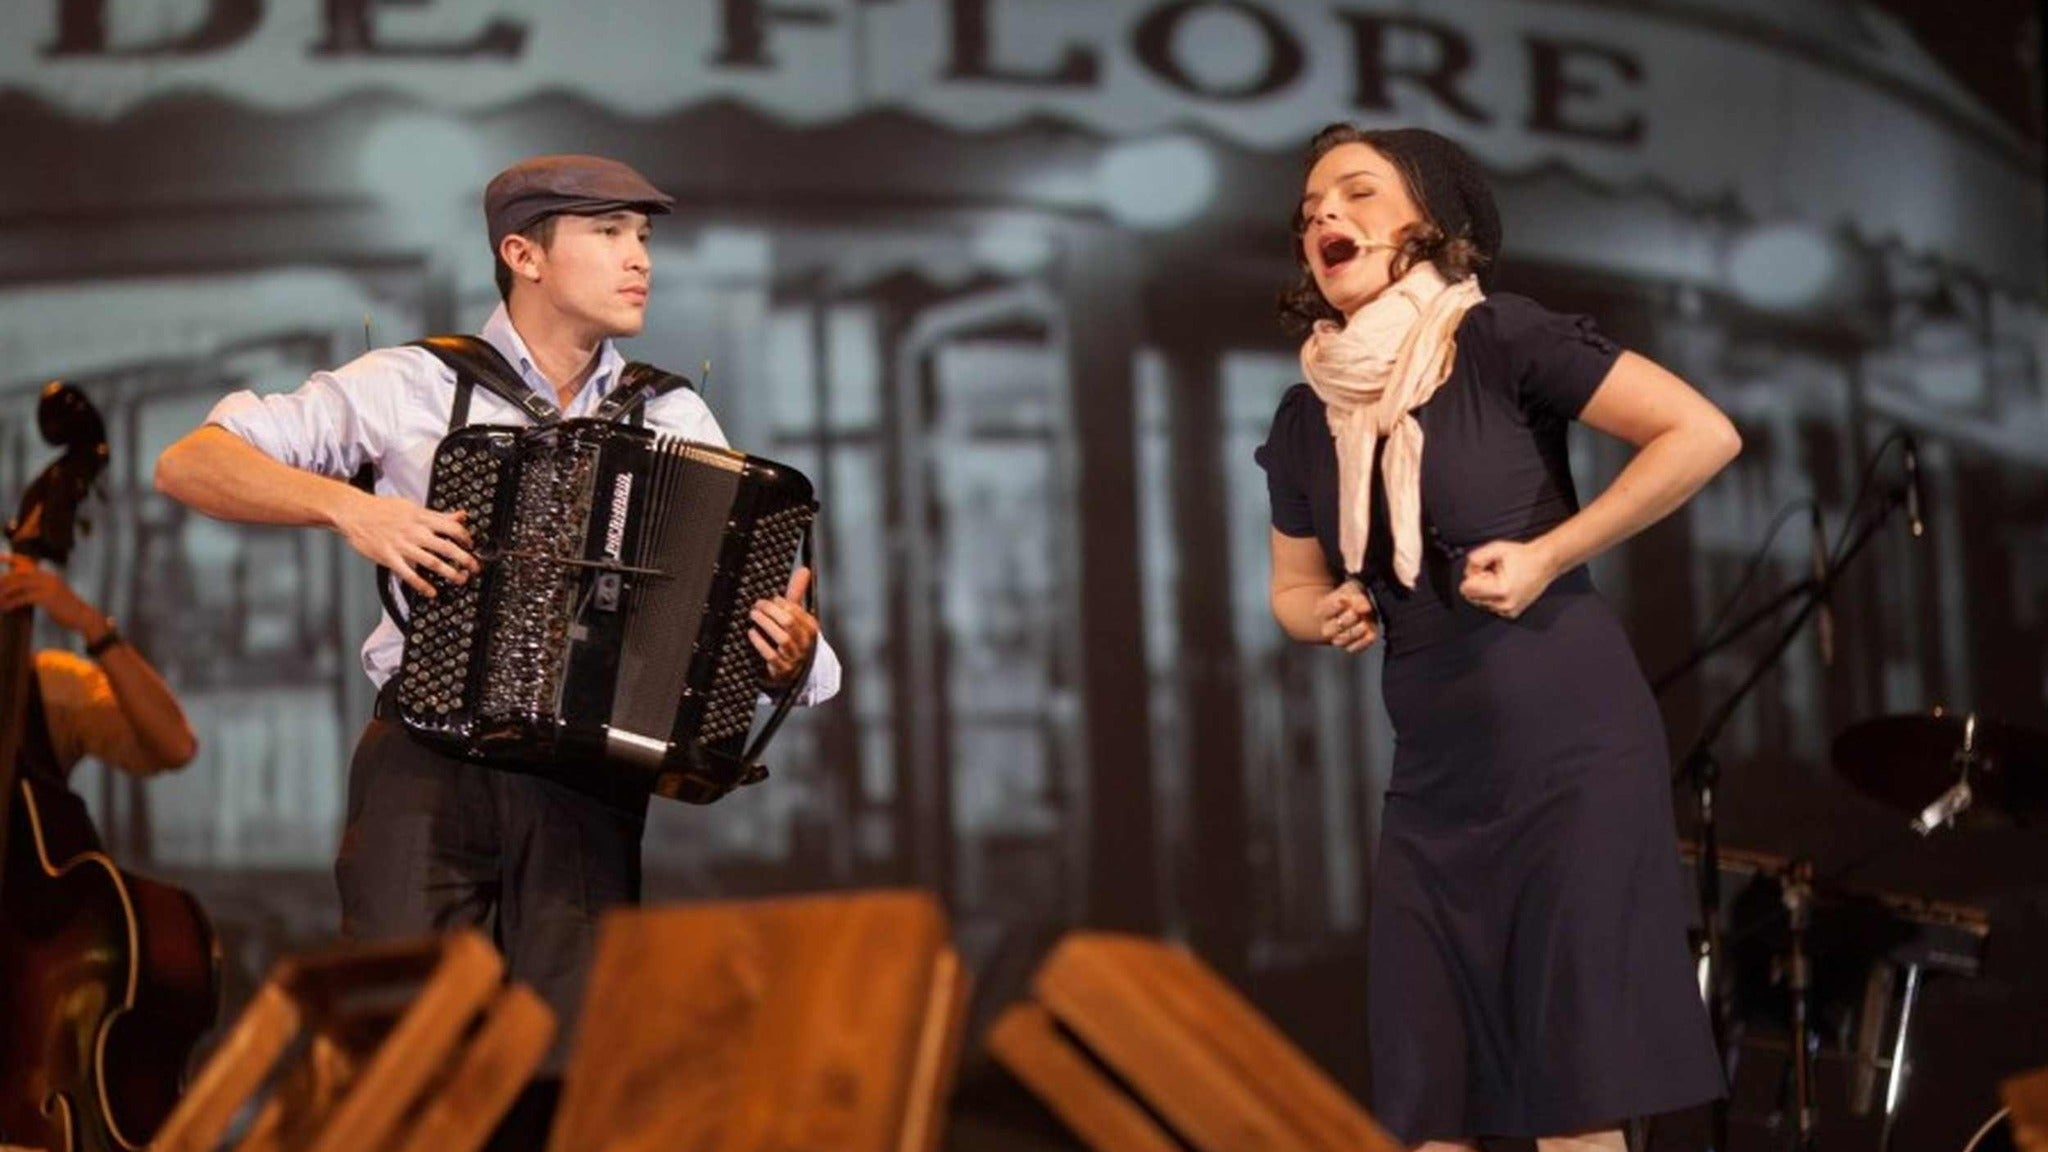 Piaf! The Show at McCallum Theatre